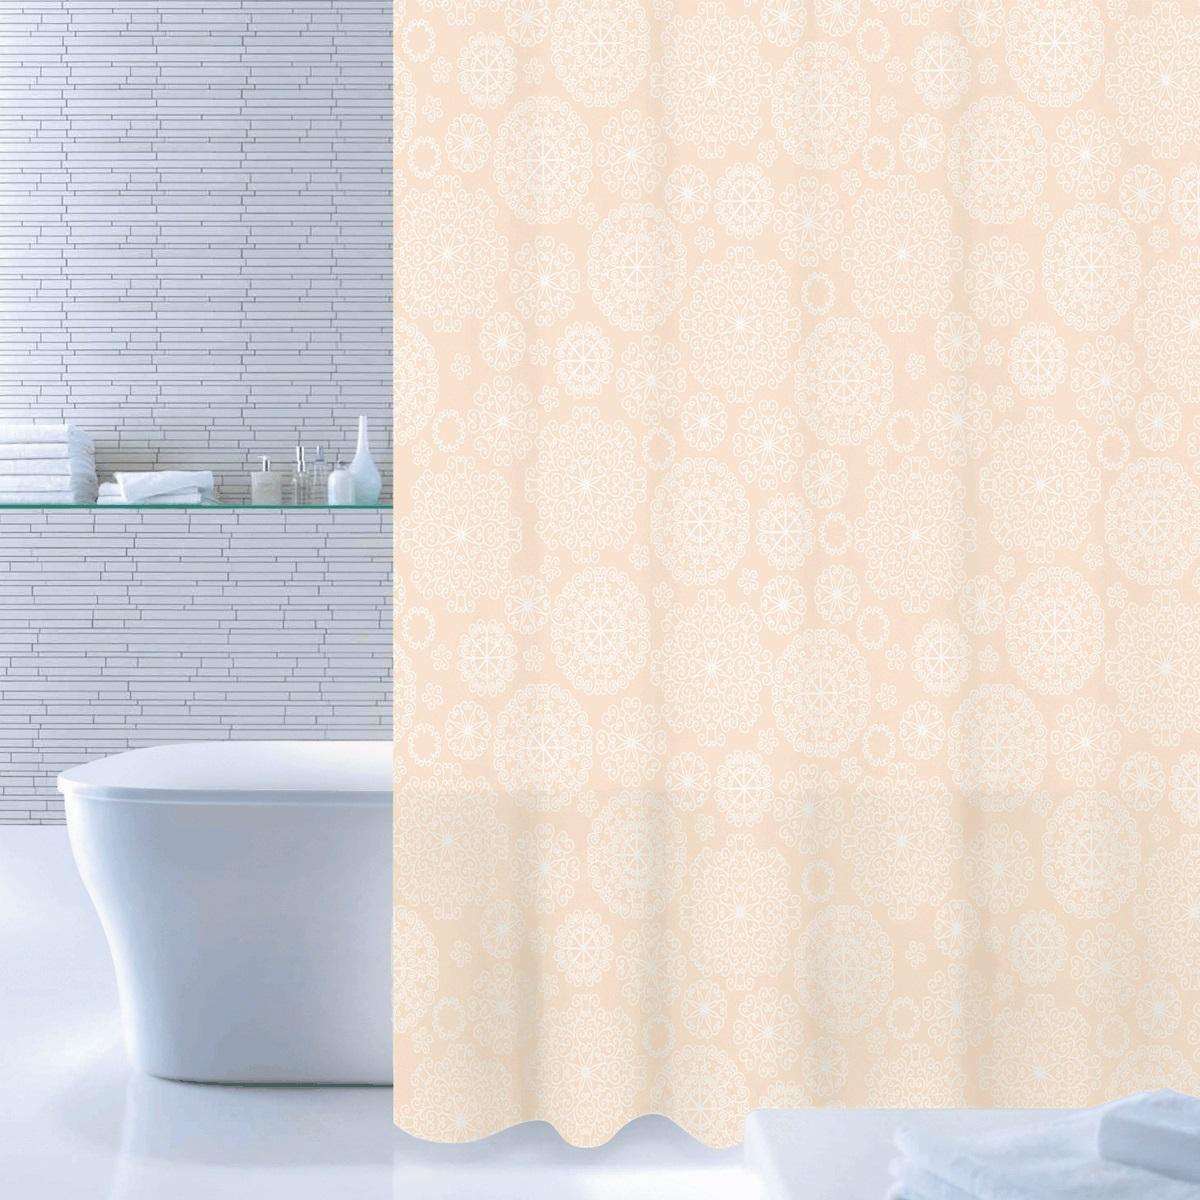 Штора для ванной Iddis Flower Bloom, цвет: желтый, 180 x 200 см520P18Ri11Штора для ванной комнаты Iddis выполнена из быстросохнущего материала - 100% полиэстера, что обеспечивает прочность изделия и легкость ухода за ним.Материал шторы пропитан специальным водоотталкивающим составом Waterprof.Изделие изготовлено из экологически-чистого материала, оно обладает высокой степенью гигиеничности, не вызывает аллергических реакций.Штора имеет 12 металлических люверсов. В комплекте: штора и кольца.